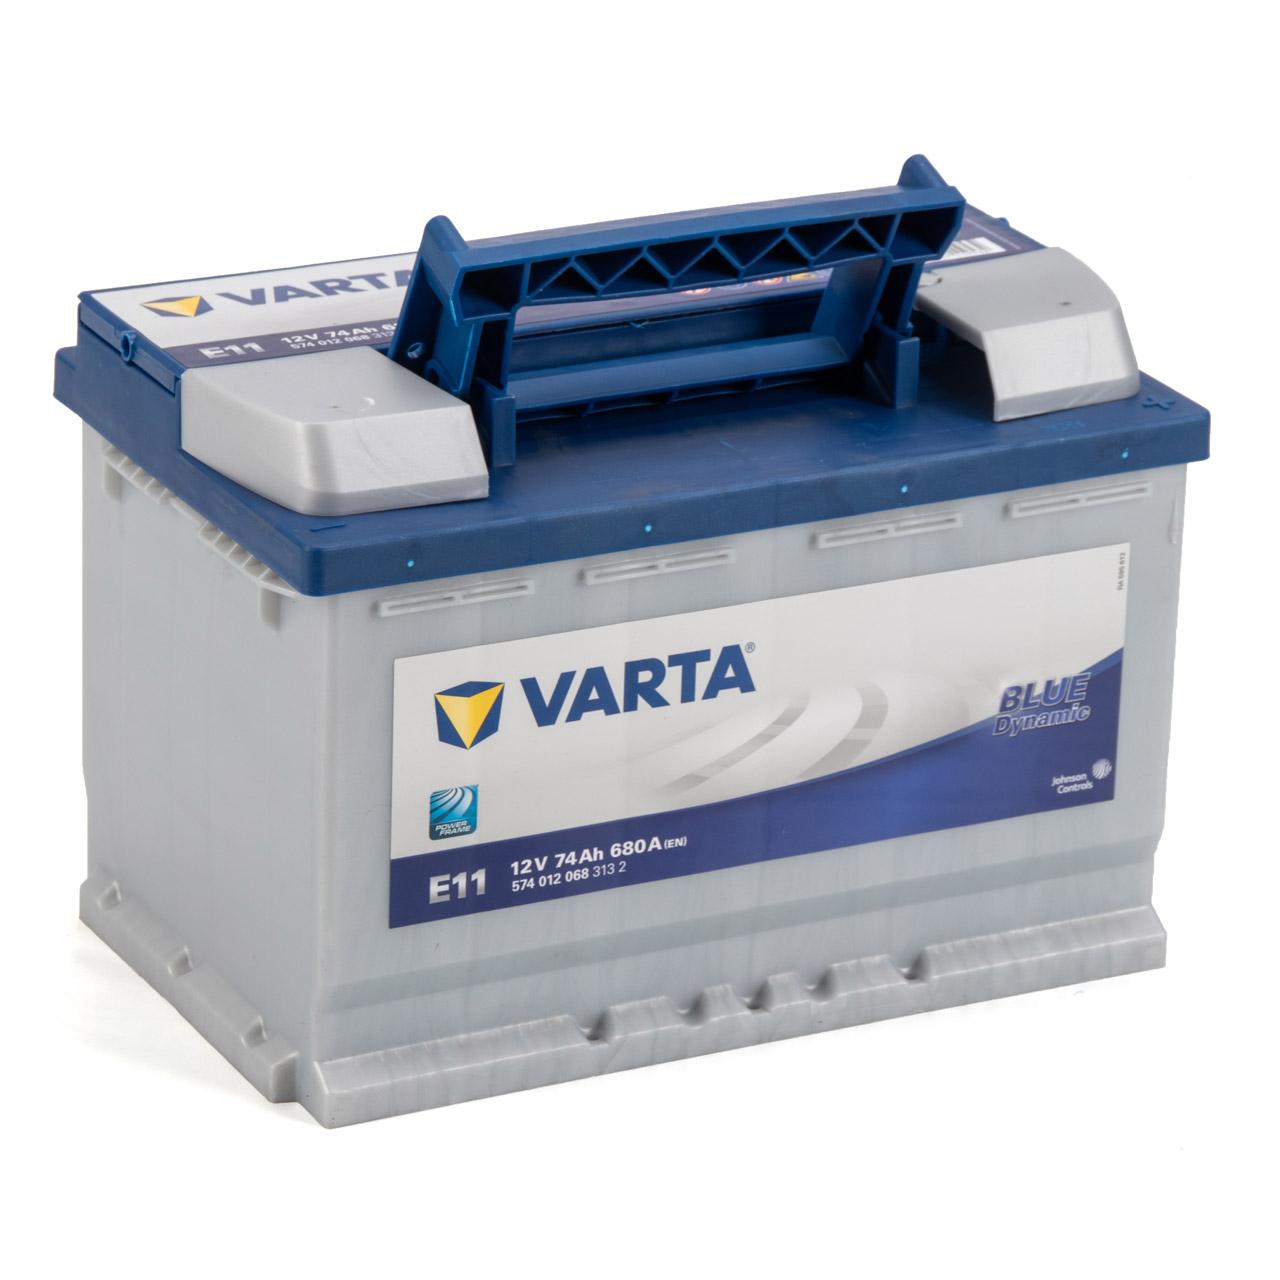 VARTA BLUE dynamic E11 Autobatterie Batterie Starterbatterie 12V 74Ah 680A